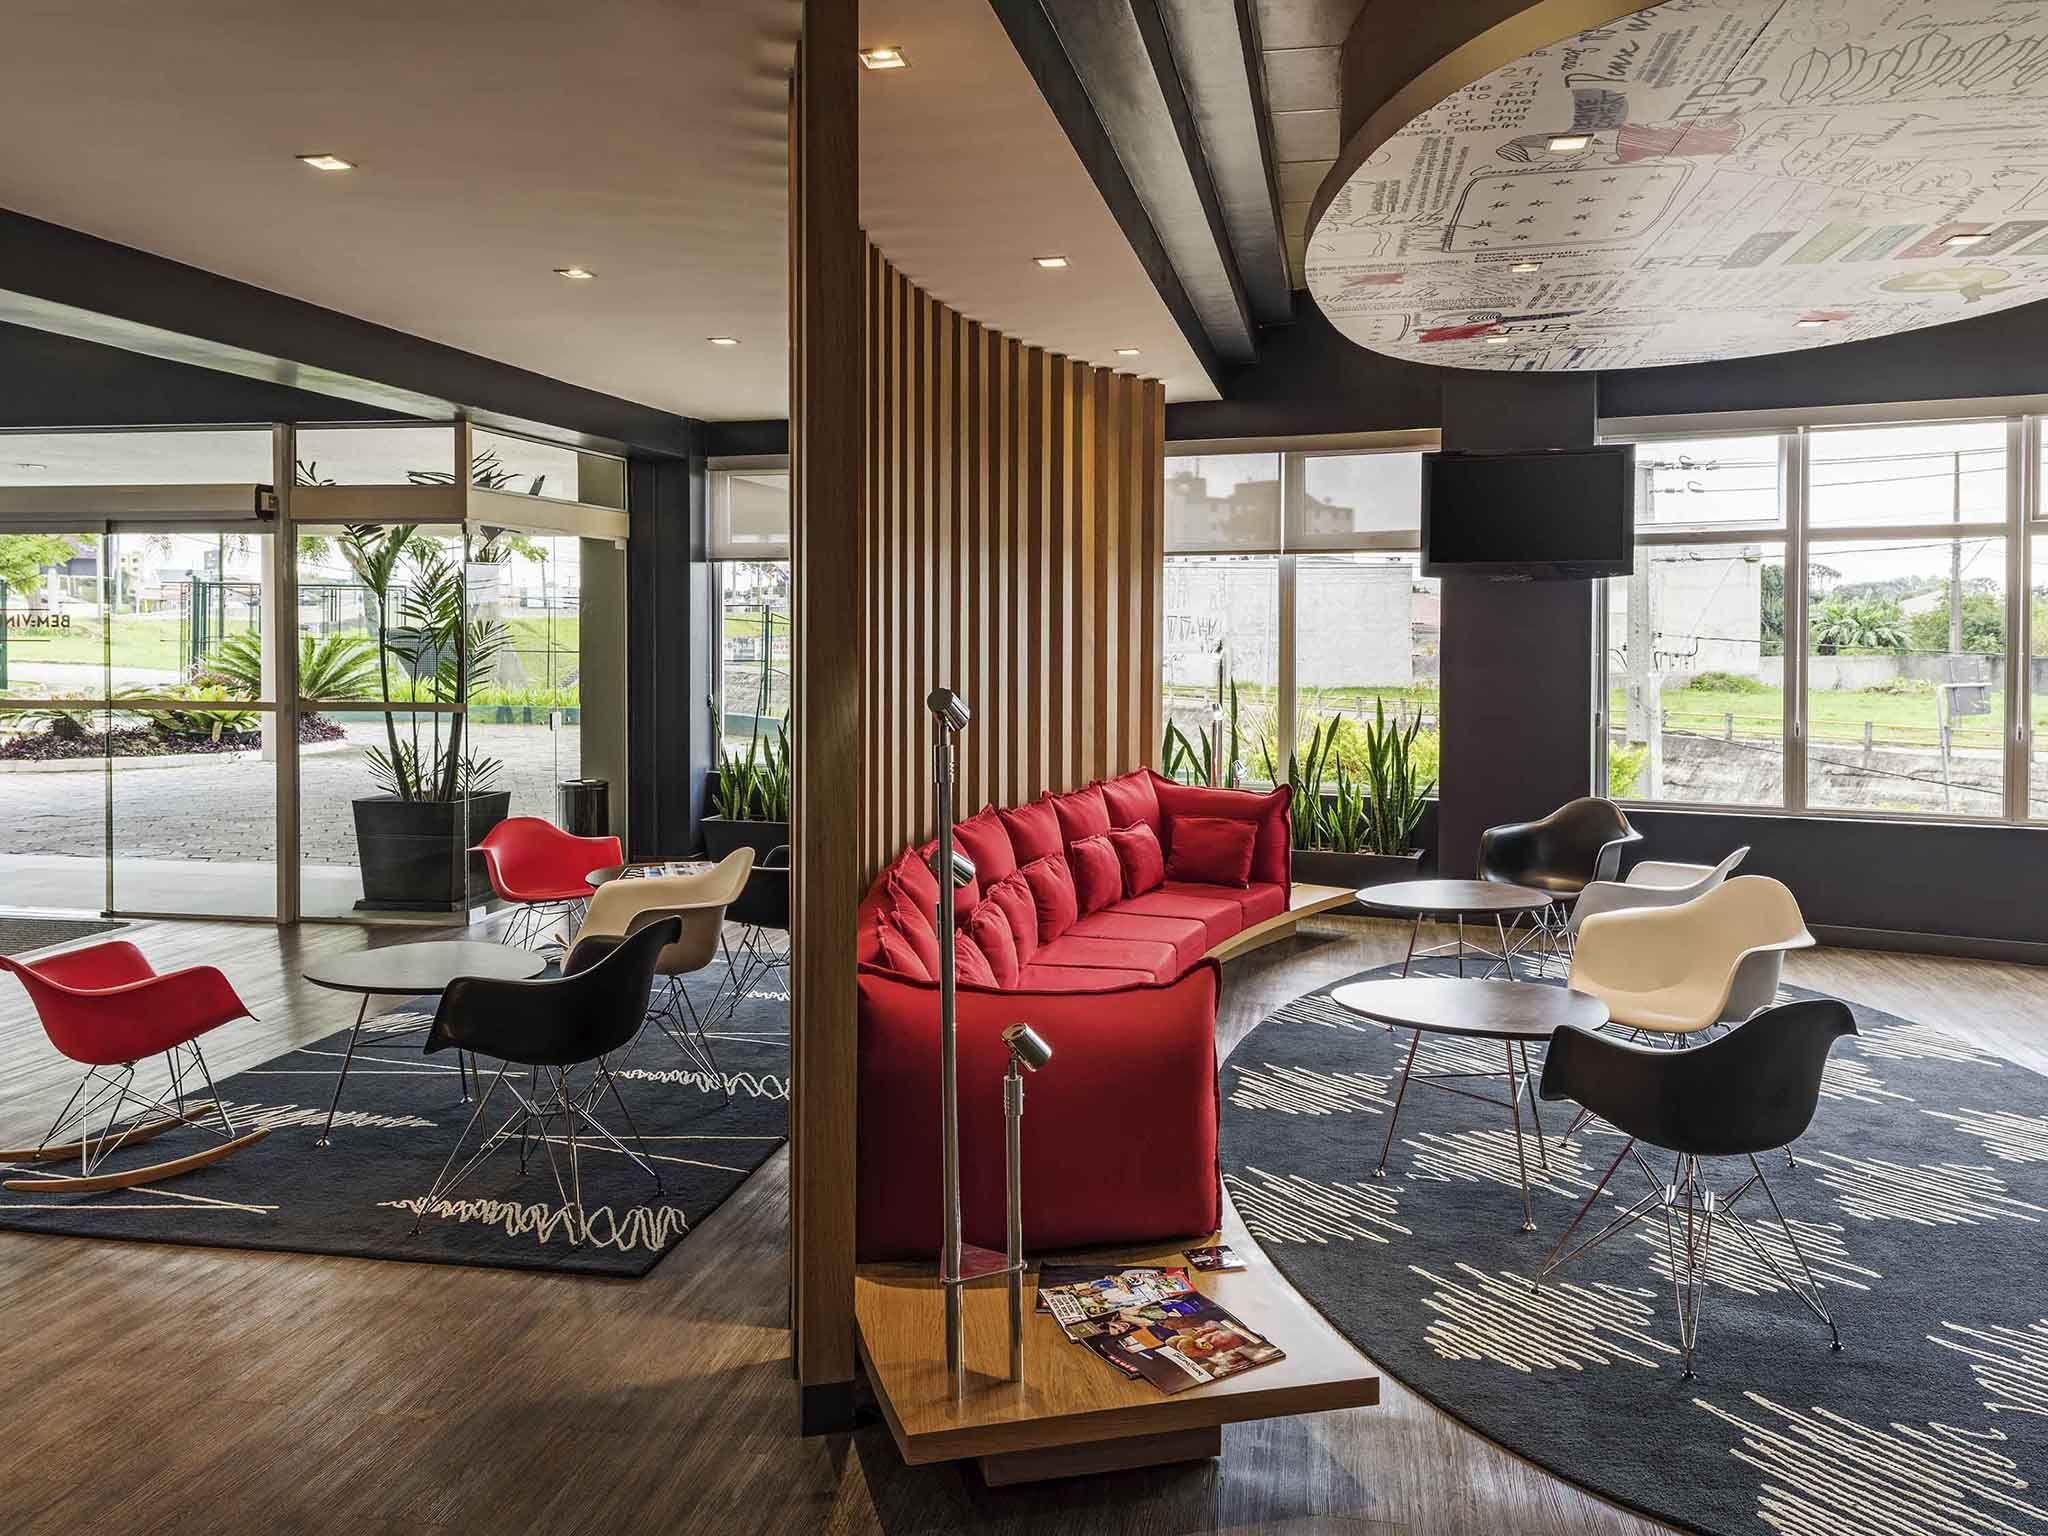 Ibis Hotel Cafe Buscar Con Google Con Imagenes